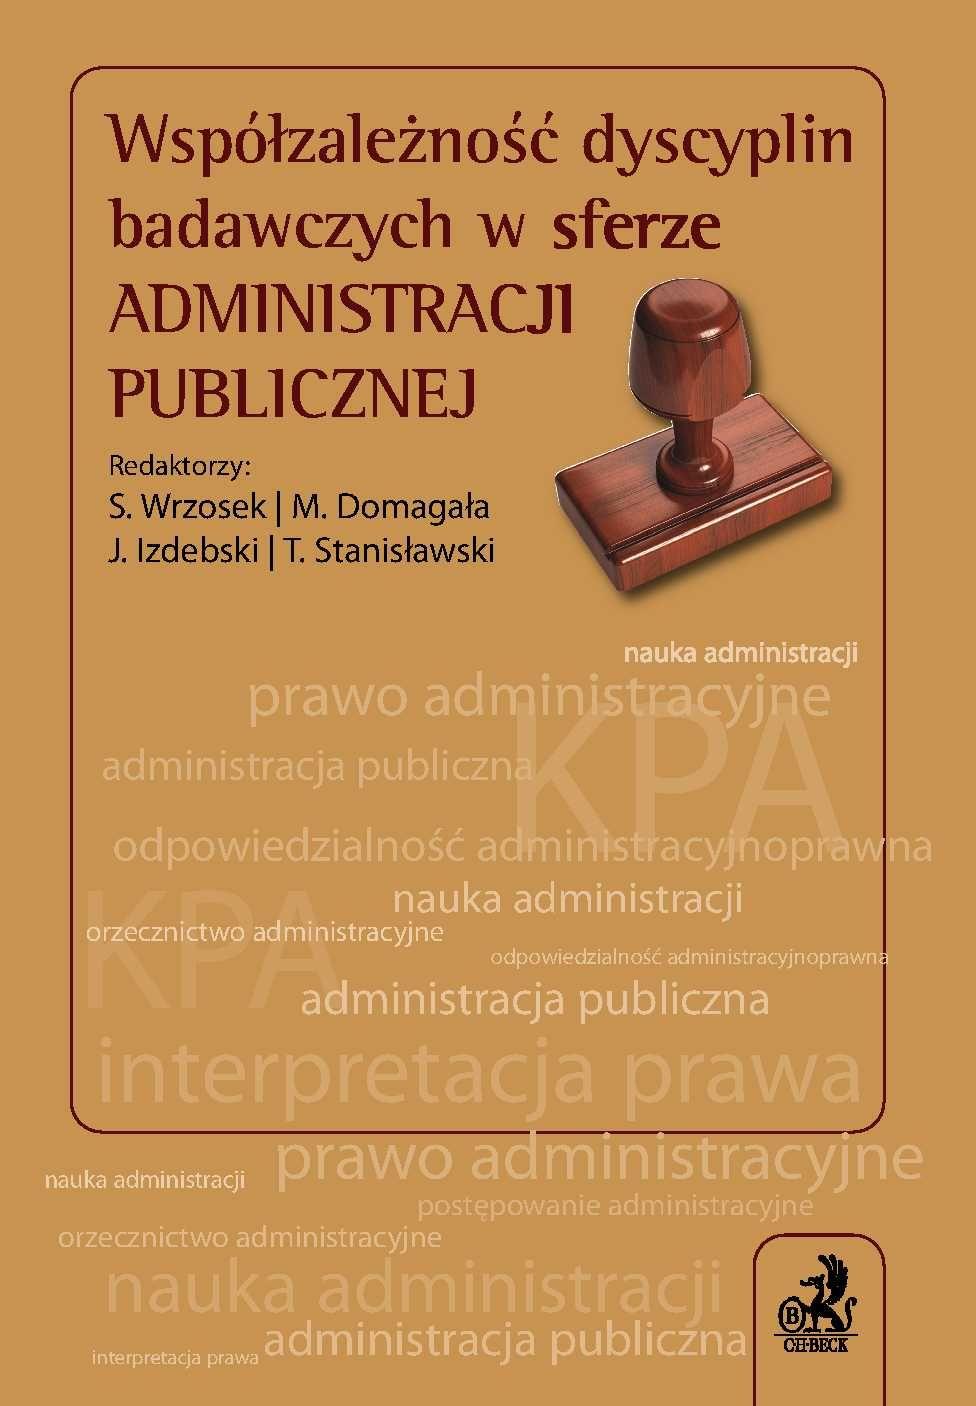 Współzależność dyscyplin badawczych w sferze administracji publicznej - Ebook (Książka PDF) do pobrania w formacie PDF